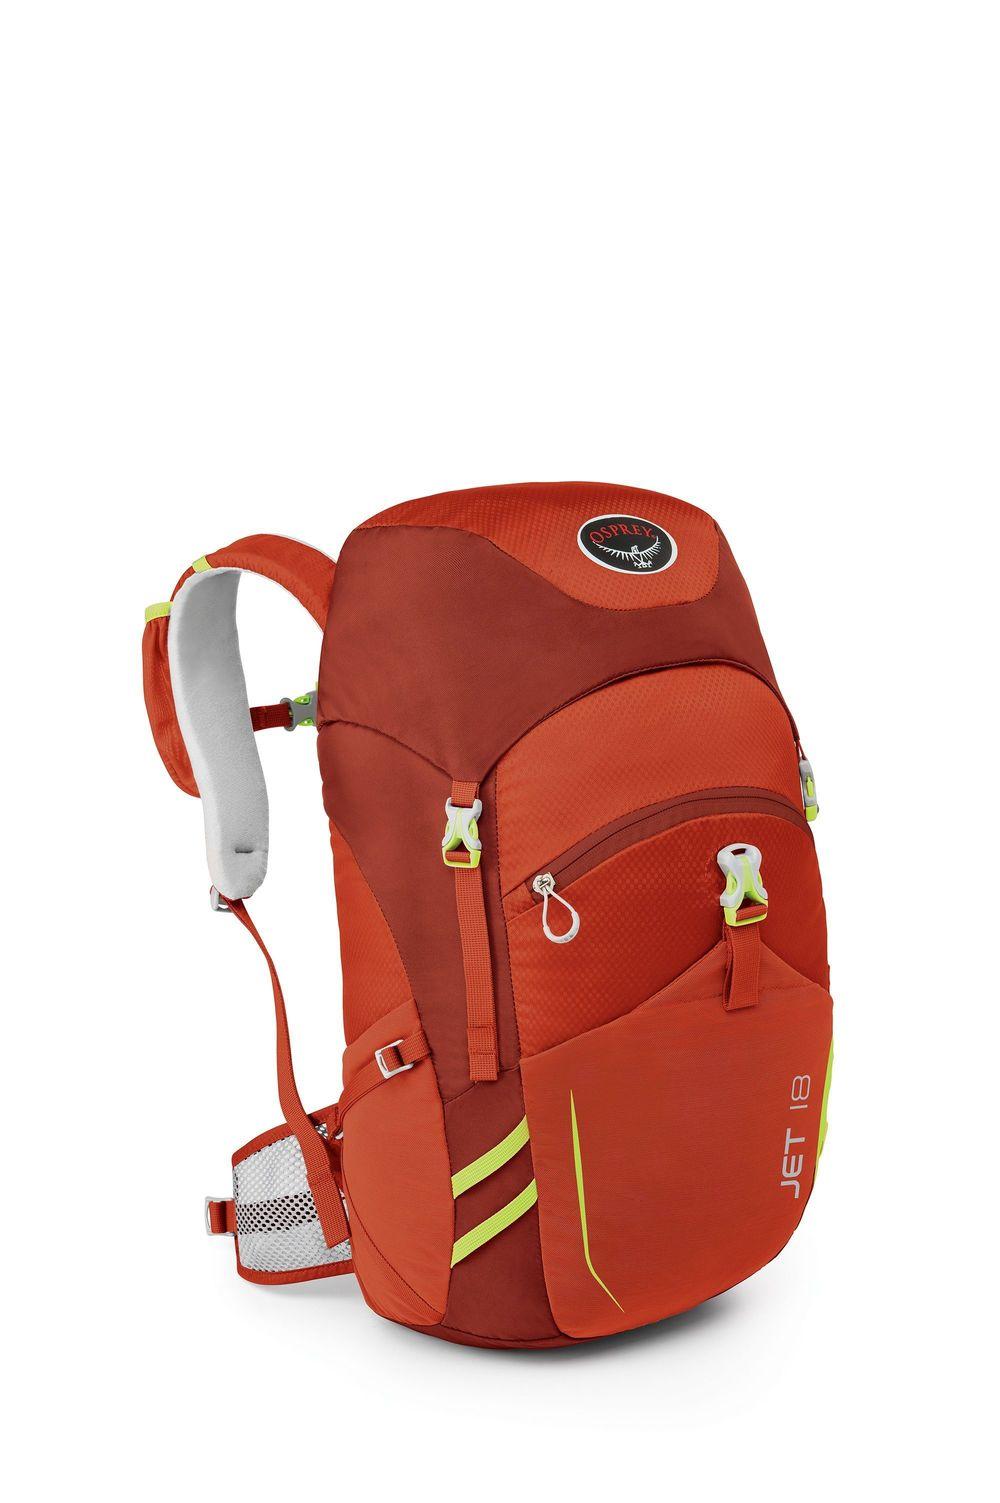 902b90ea93cb Детский рюкзак Osprey Jet 18 – купить в интернет-магазине Трамонтана